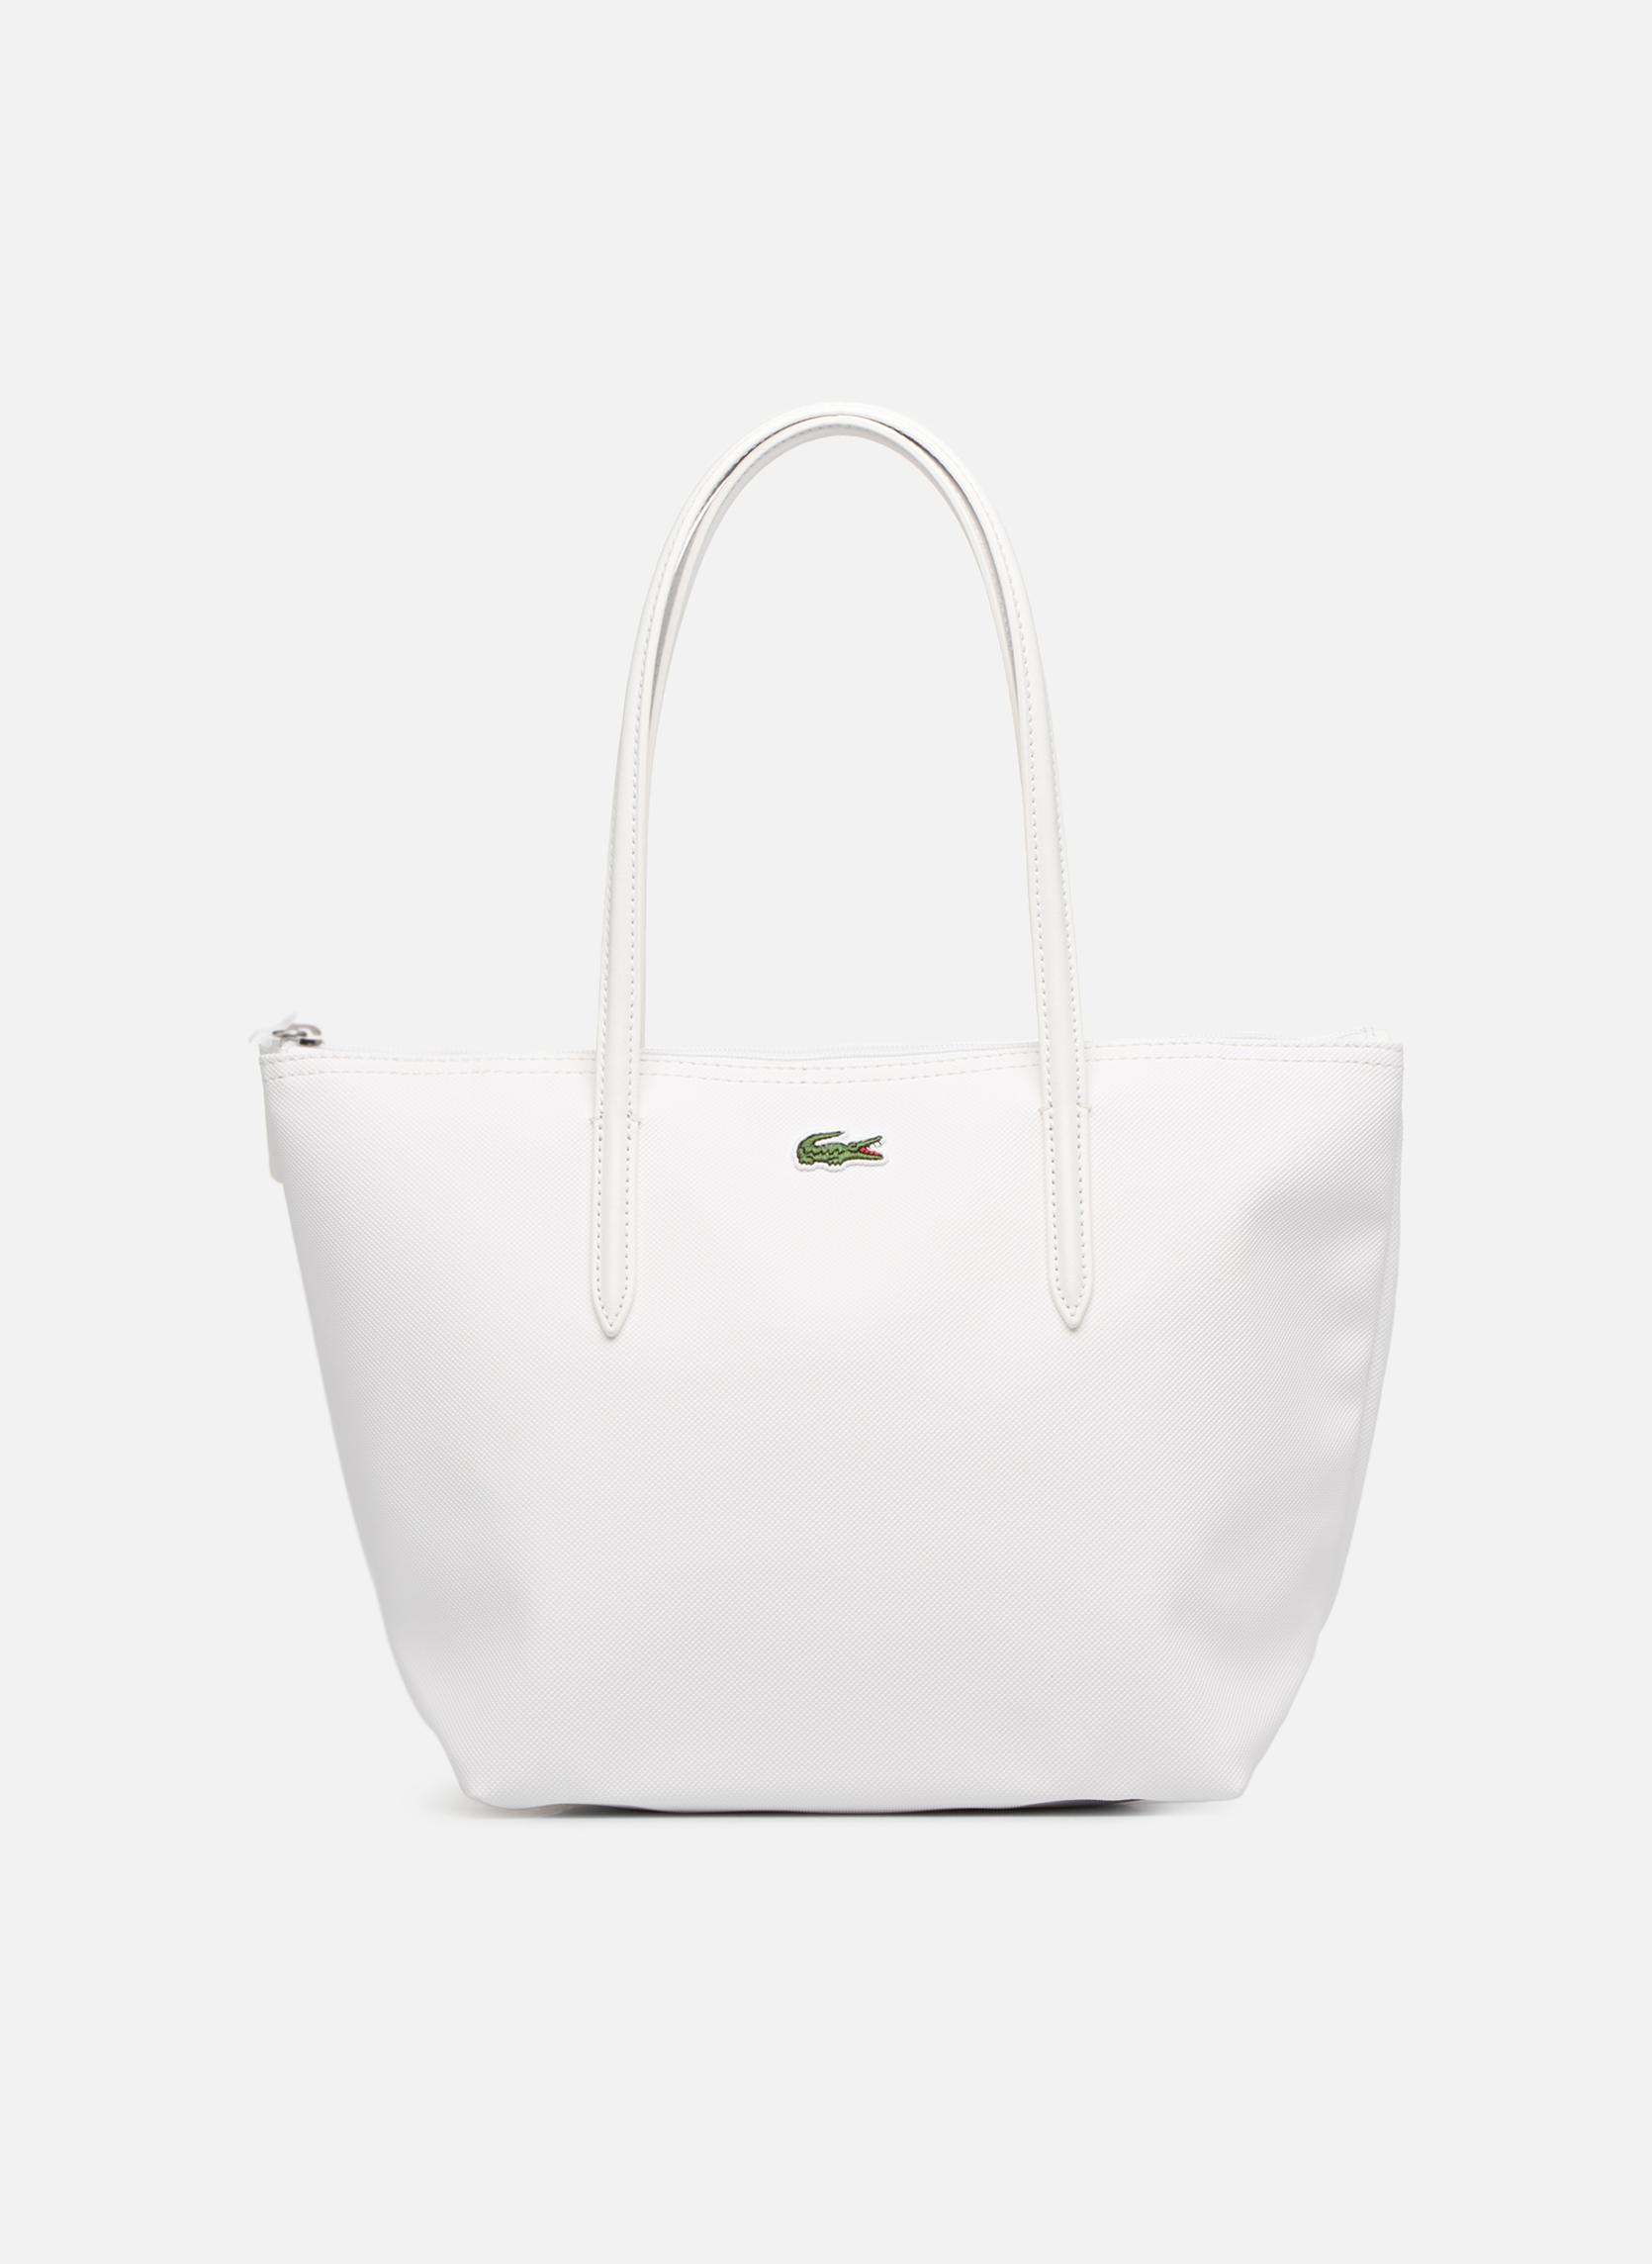 L1212 Shopping bag S